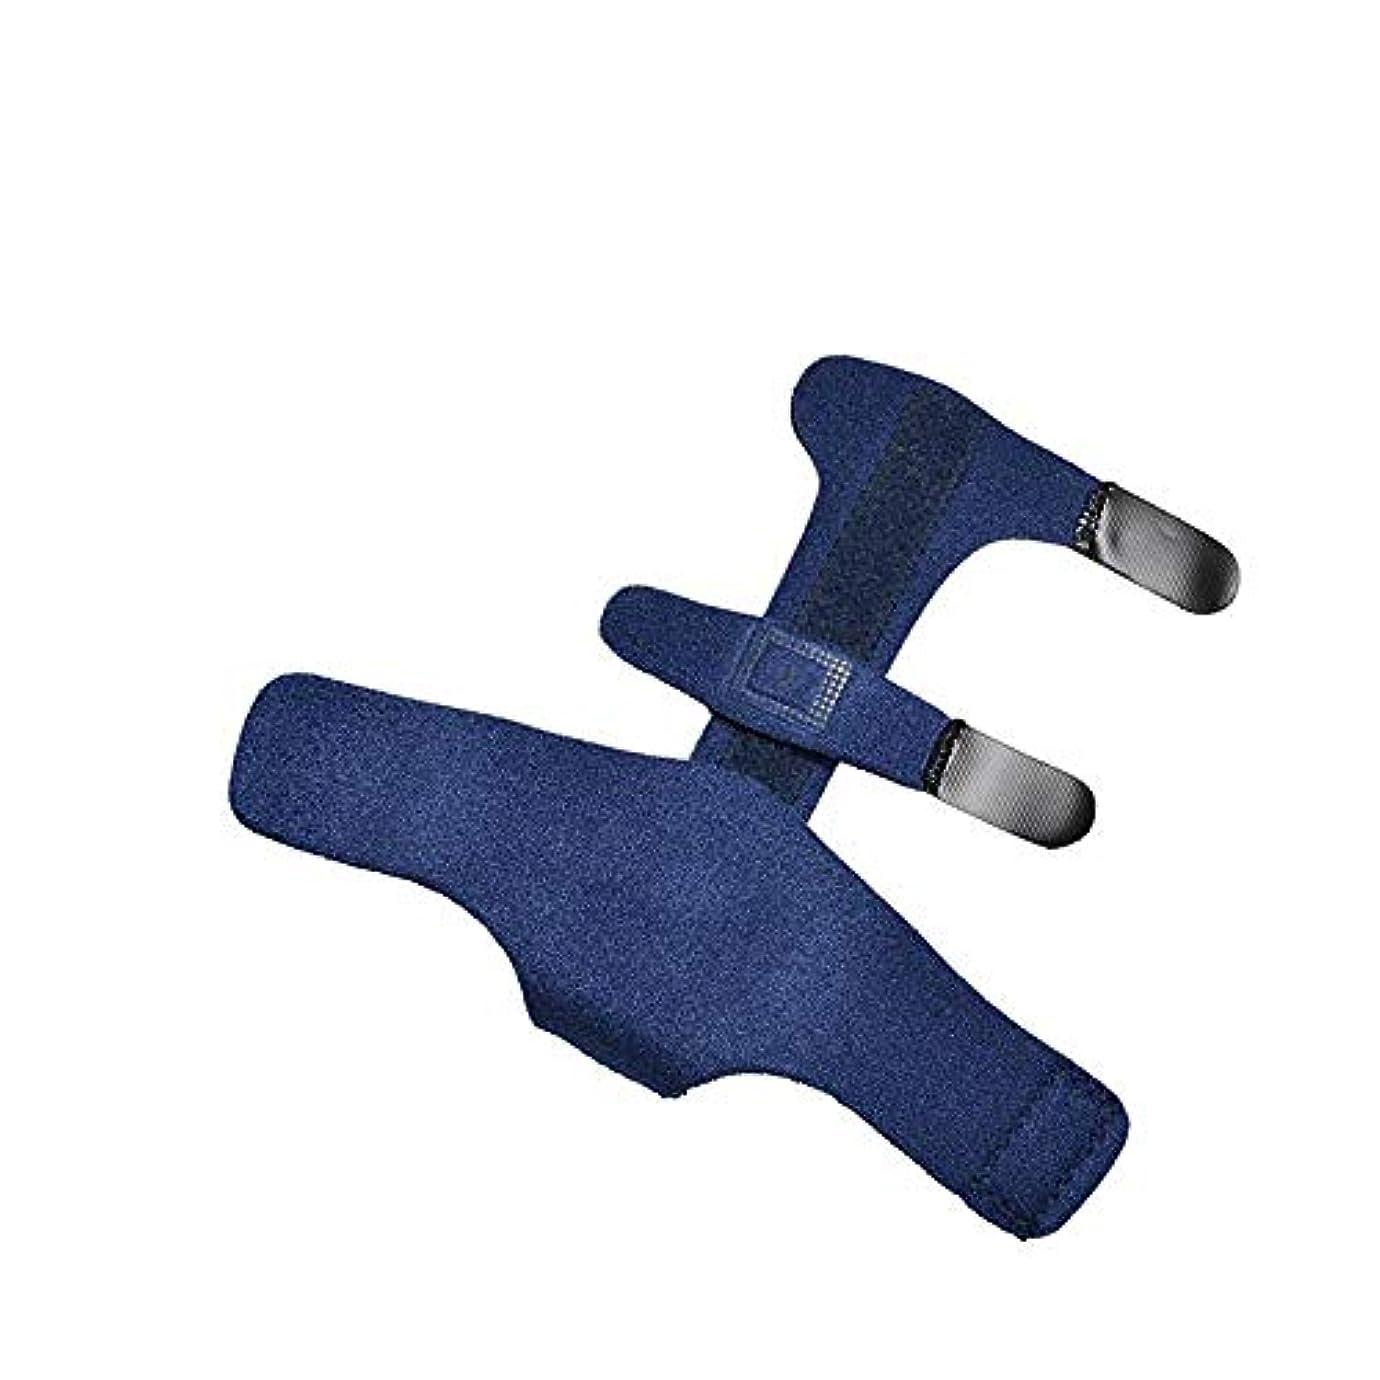 利用可能オークミネラルZYL-YL ベルトを固定スリーブアルミ板支持フィンガー補正を修正指固定フィンガー (Edition : Left)